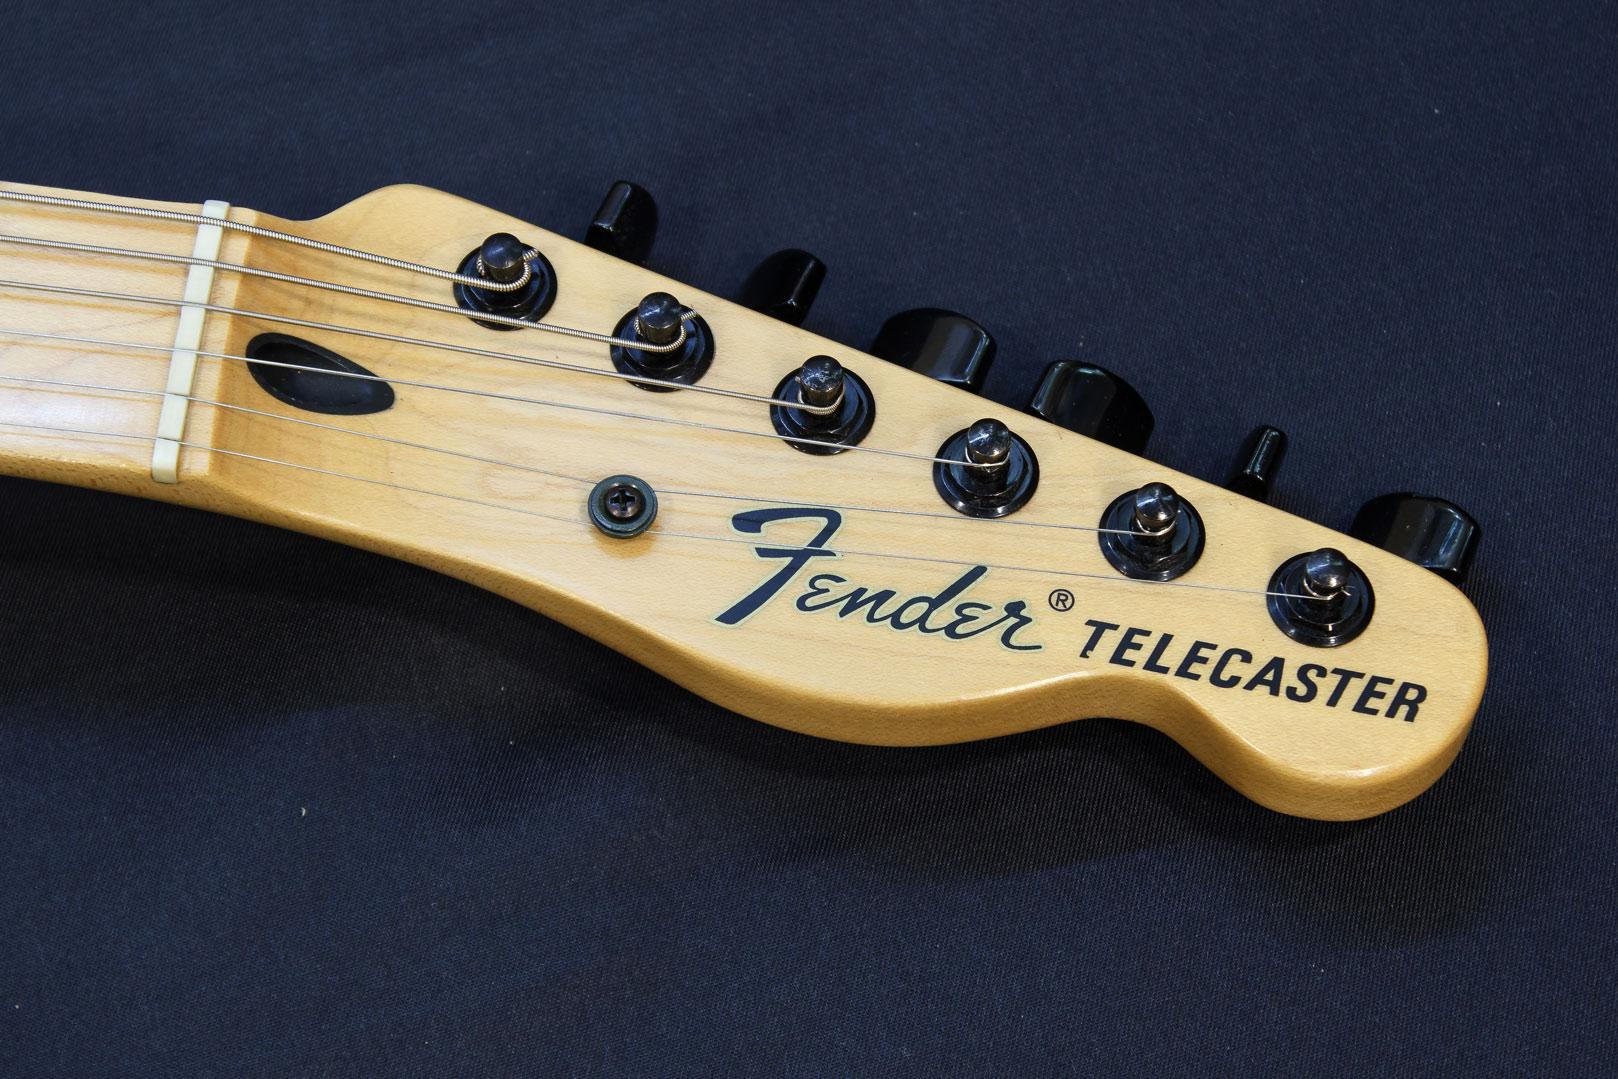 Achetez votre Fender Brad Paisley Road Worn Telecaster sur SonoVentecom Guitare et Basse à un prix à couper le souffle ! Superstar inconditionnelle de la musique